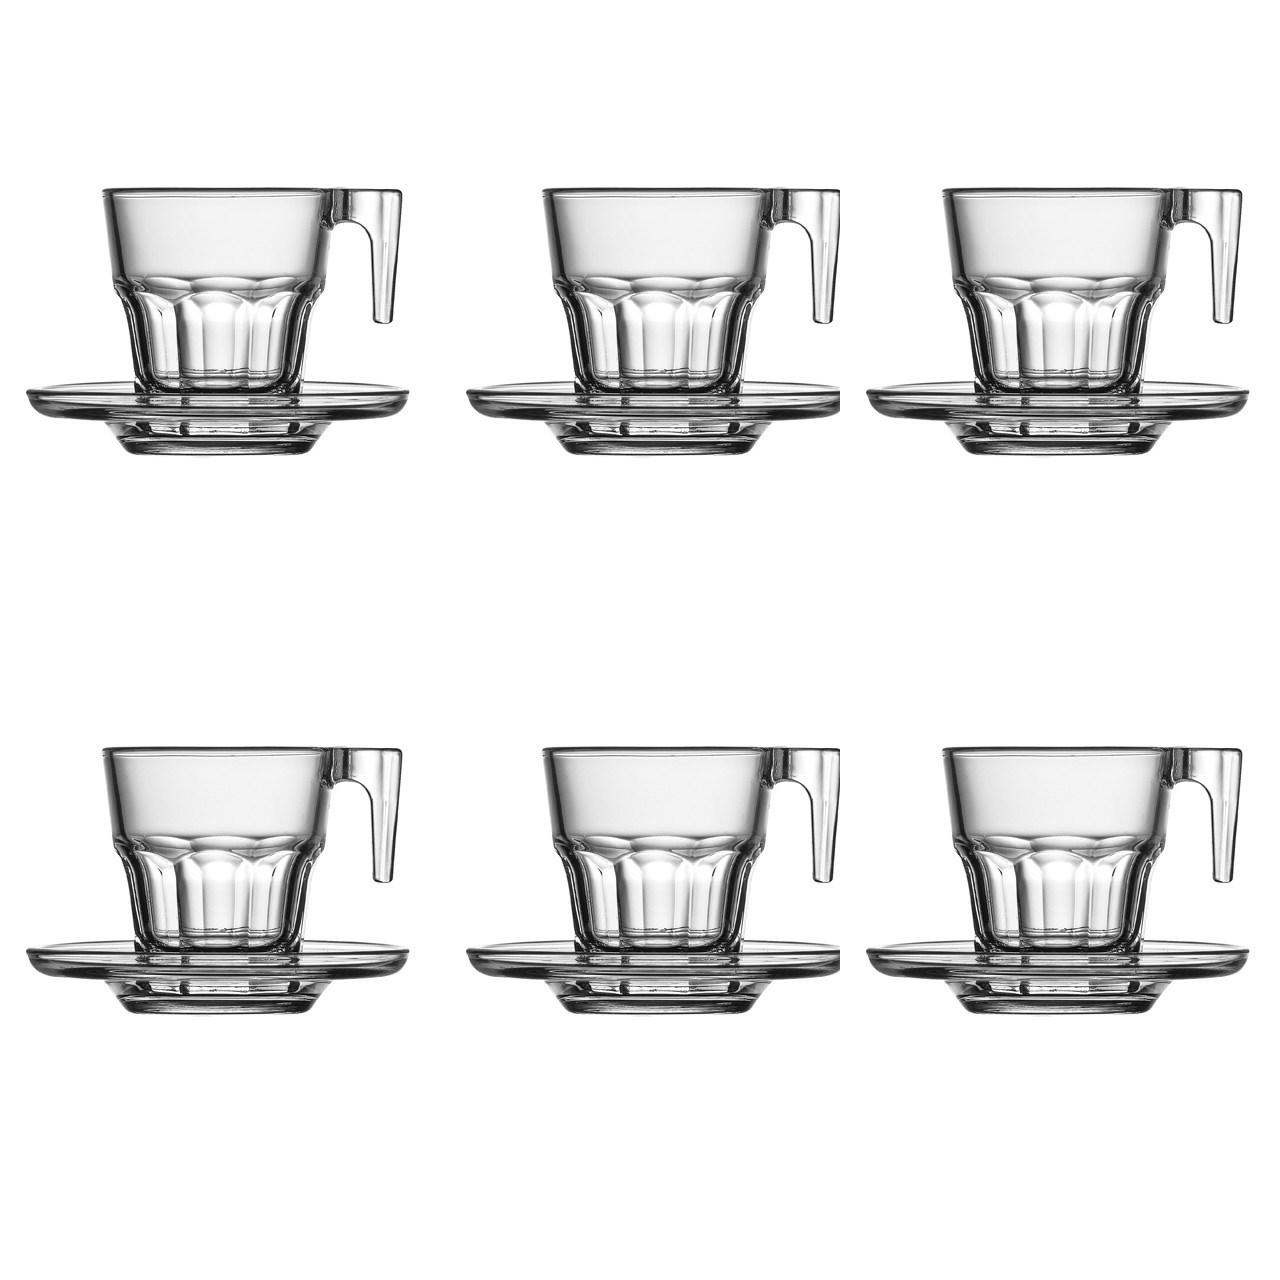 عکس ست فنجان و نعلبکی پاشاباغچه مدل 95753-بسته 6 عددی